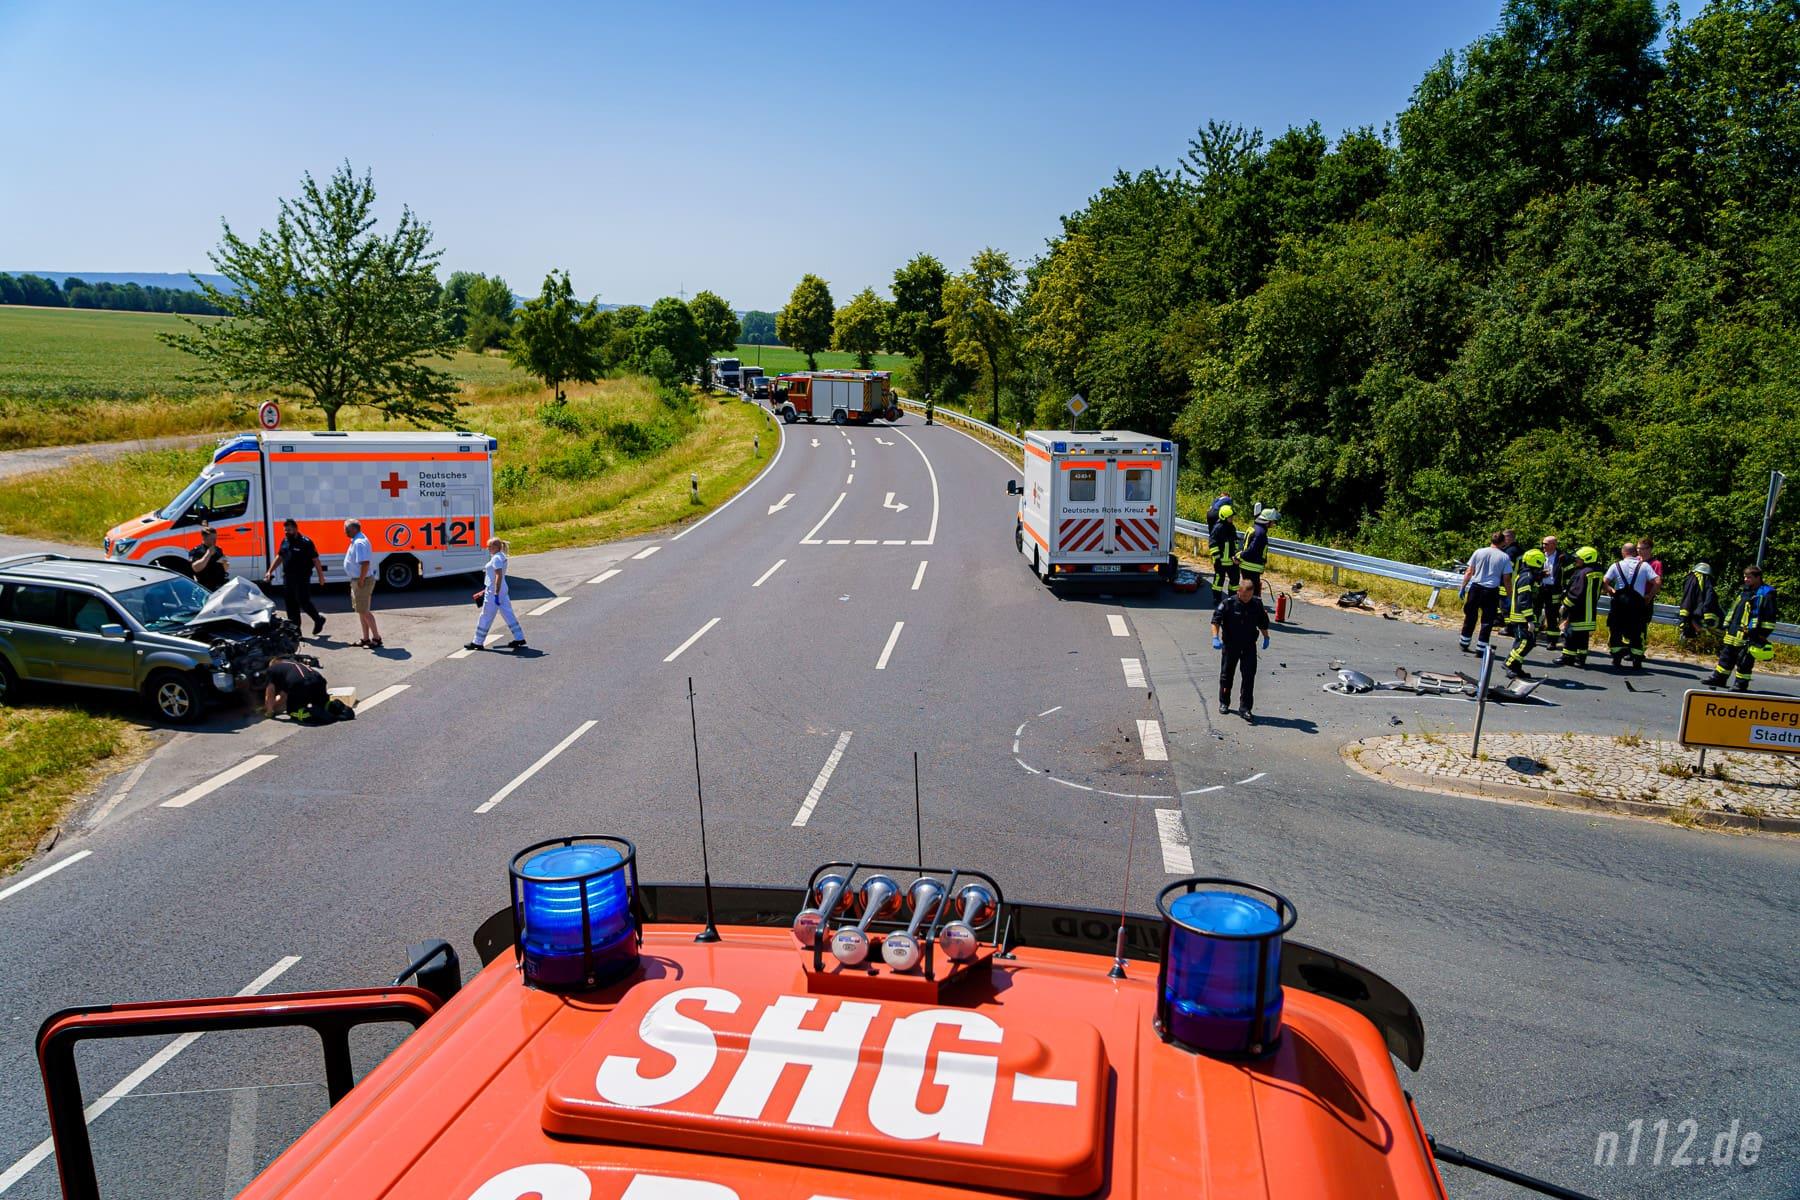 Die Unfallstelle aus der Vogelperspektive, aufgenommen nach der Rettung des Verletzten. (Foto: n112.de/Stefan Simonsen)